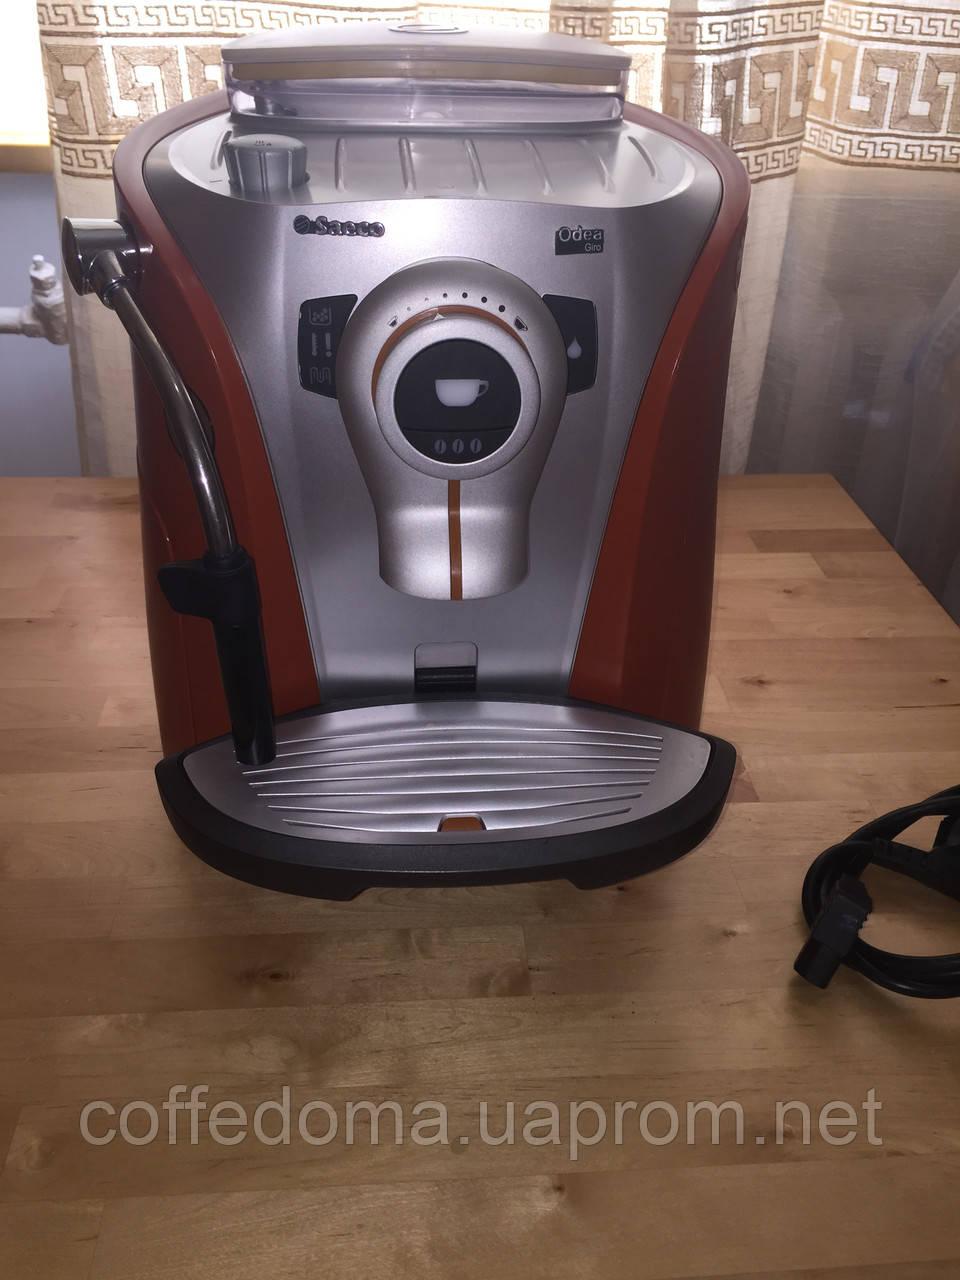 Saeco Odea Giro автоматическая кофемашина для офиса или для дома